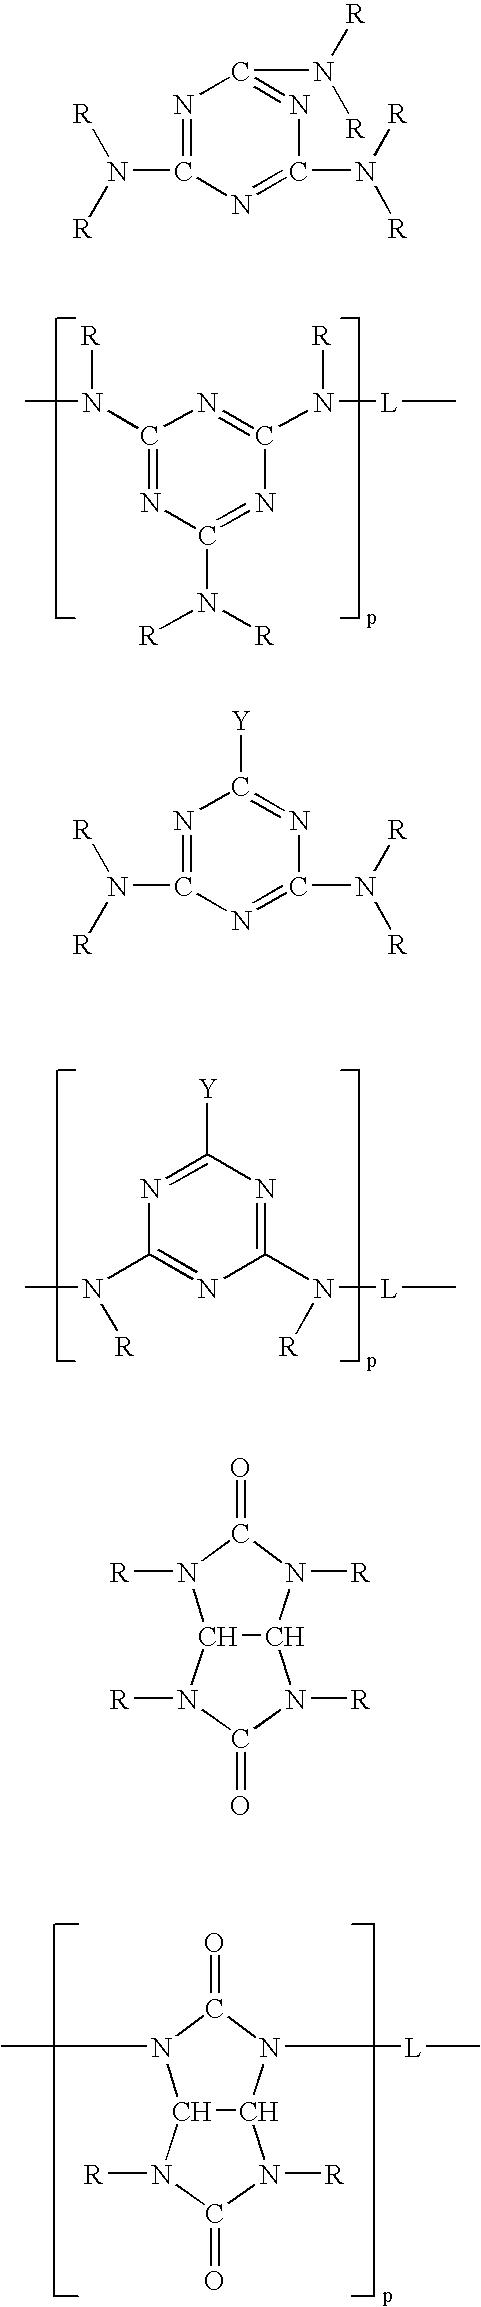 Figure US20040122145A1-20040624-C00017